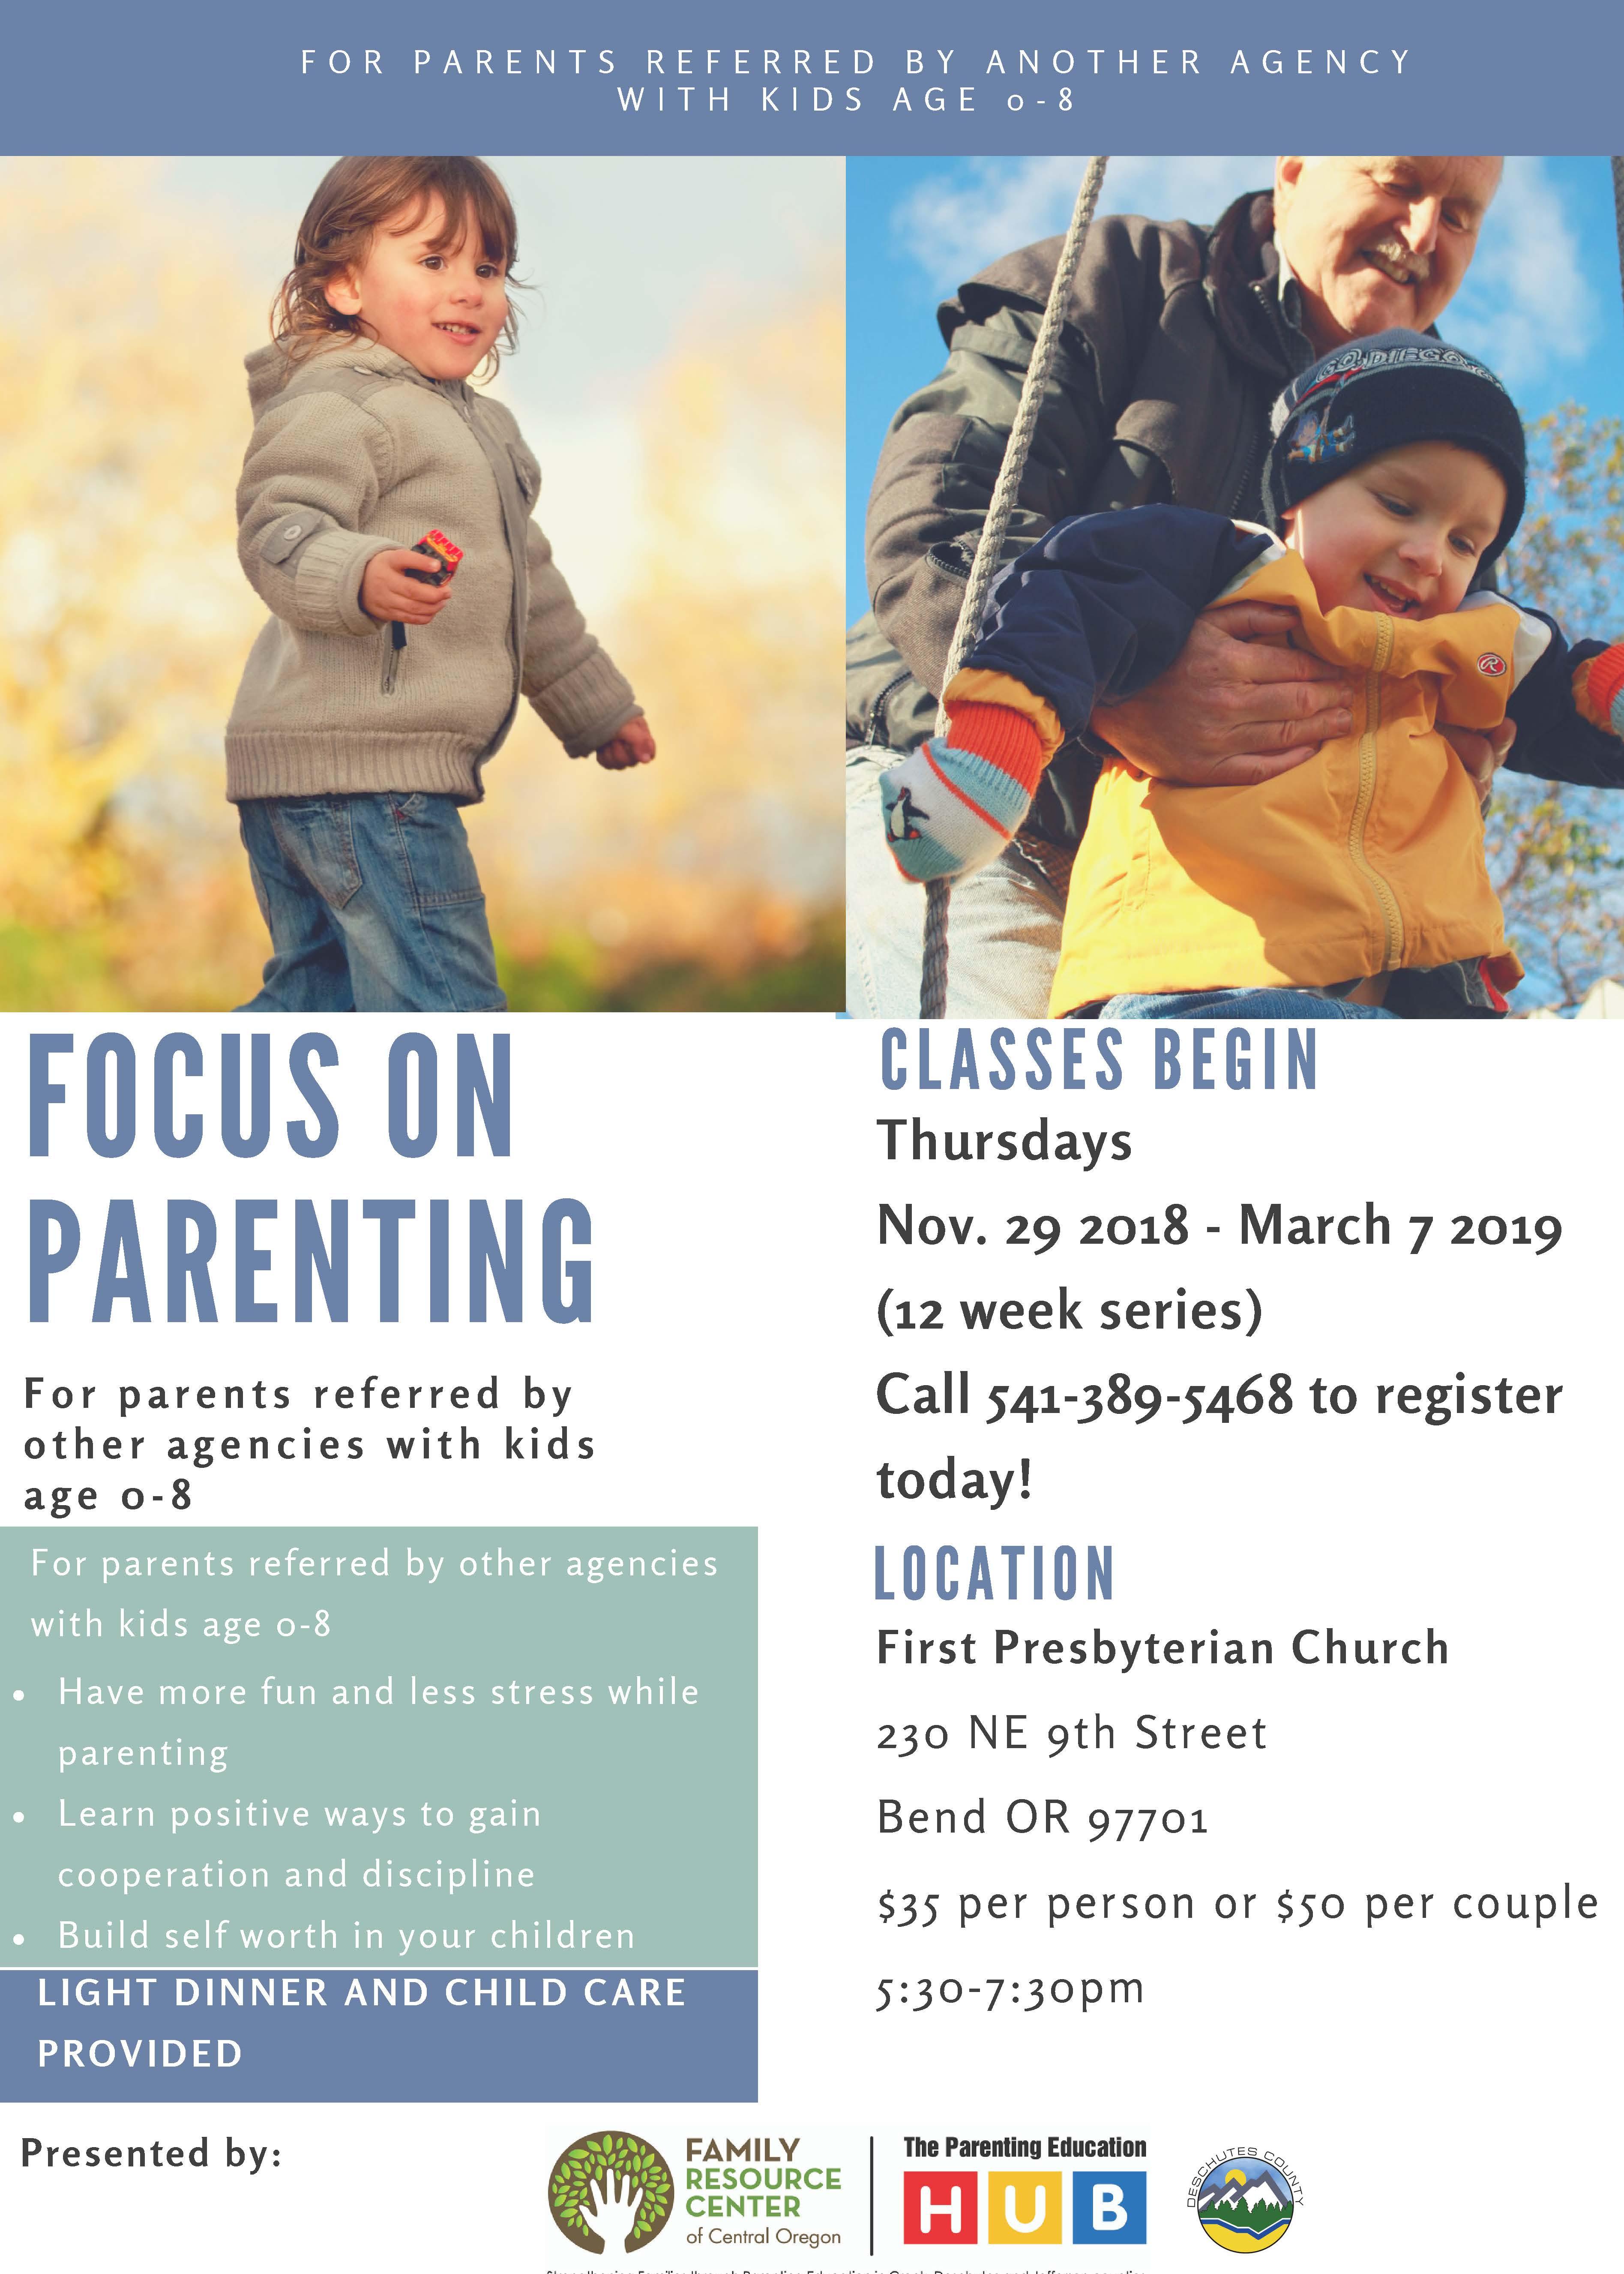 Family Resource Center of Central Oregon : Calendar & News : Calendar